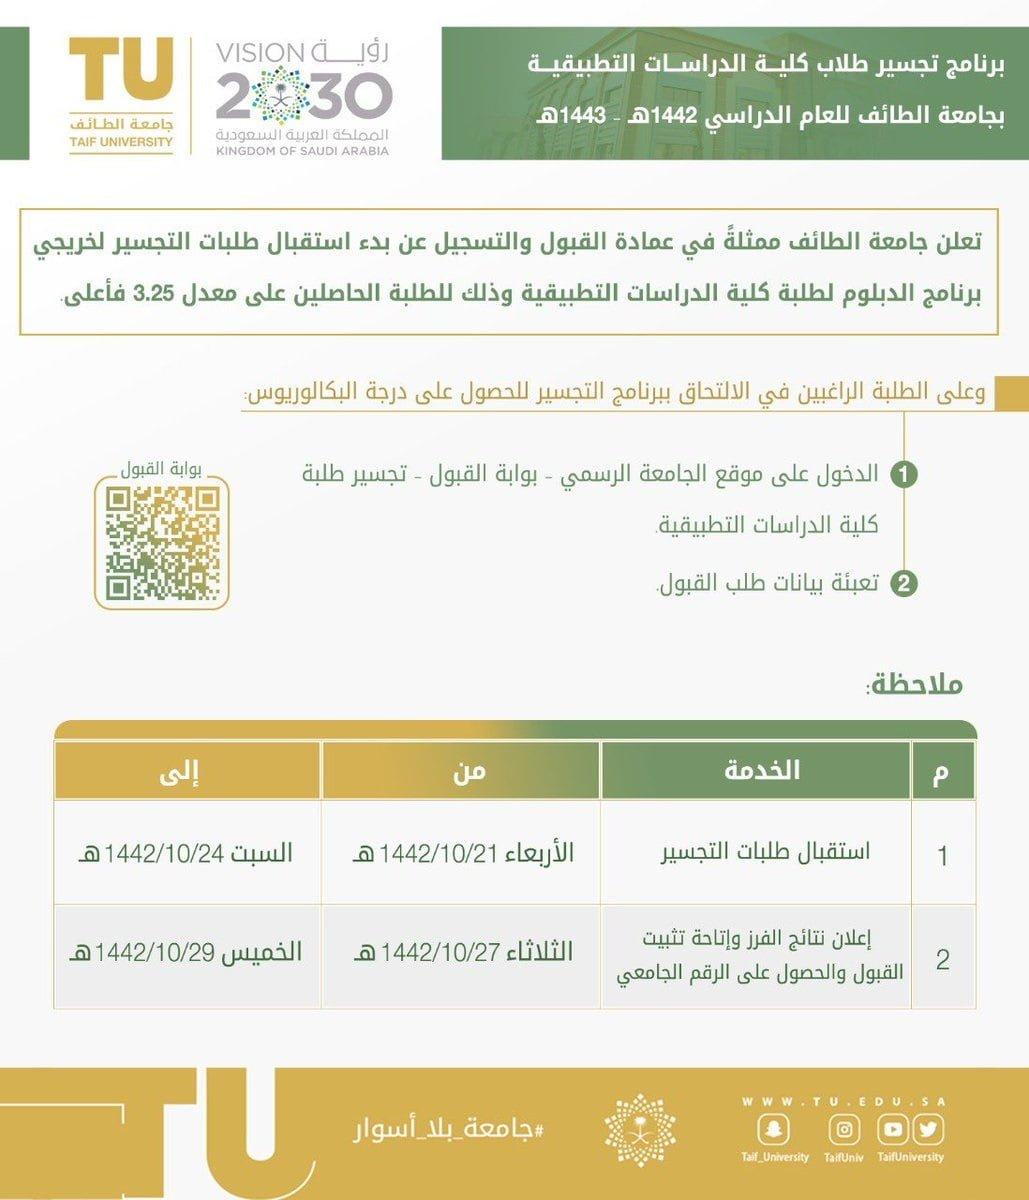 برنامج التجسير لخريجي برنامج الدبلوم كلية الدراسات التطبيقية لدى جامعة الطائف 3